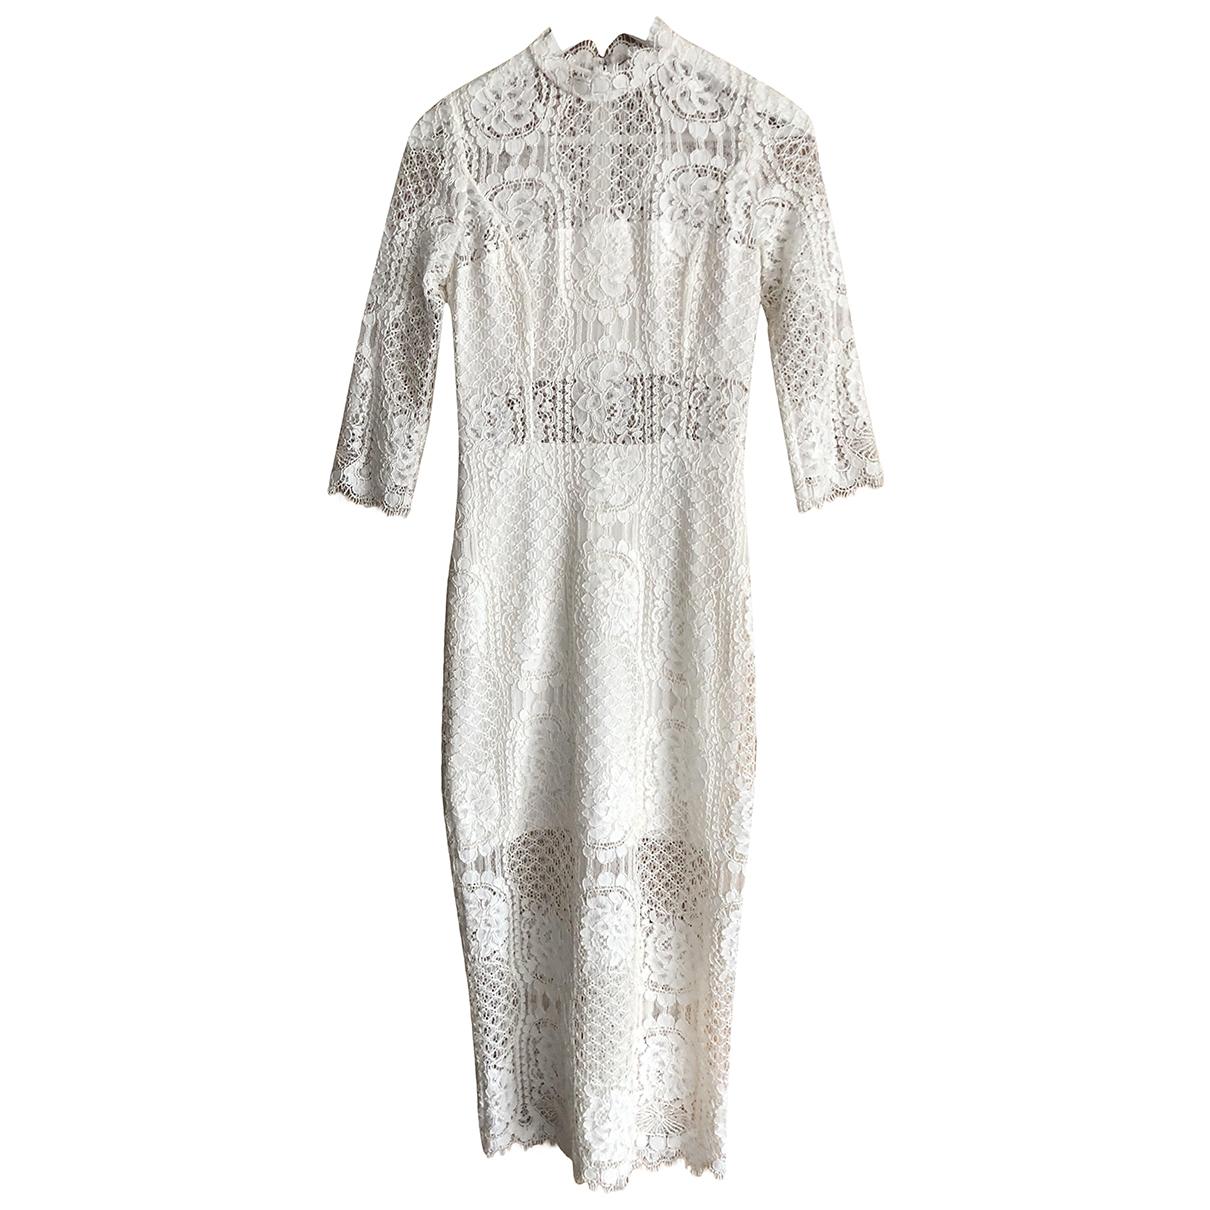 Alexis \N Kleid in  Ecru Polyester